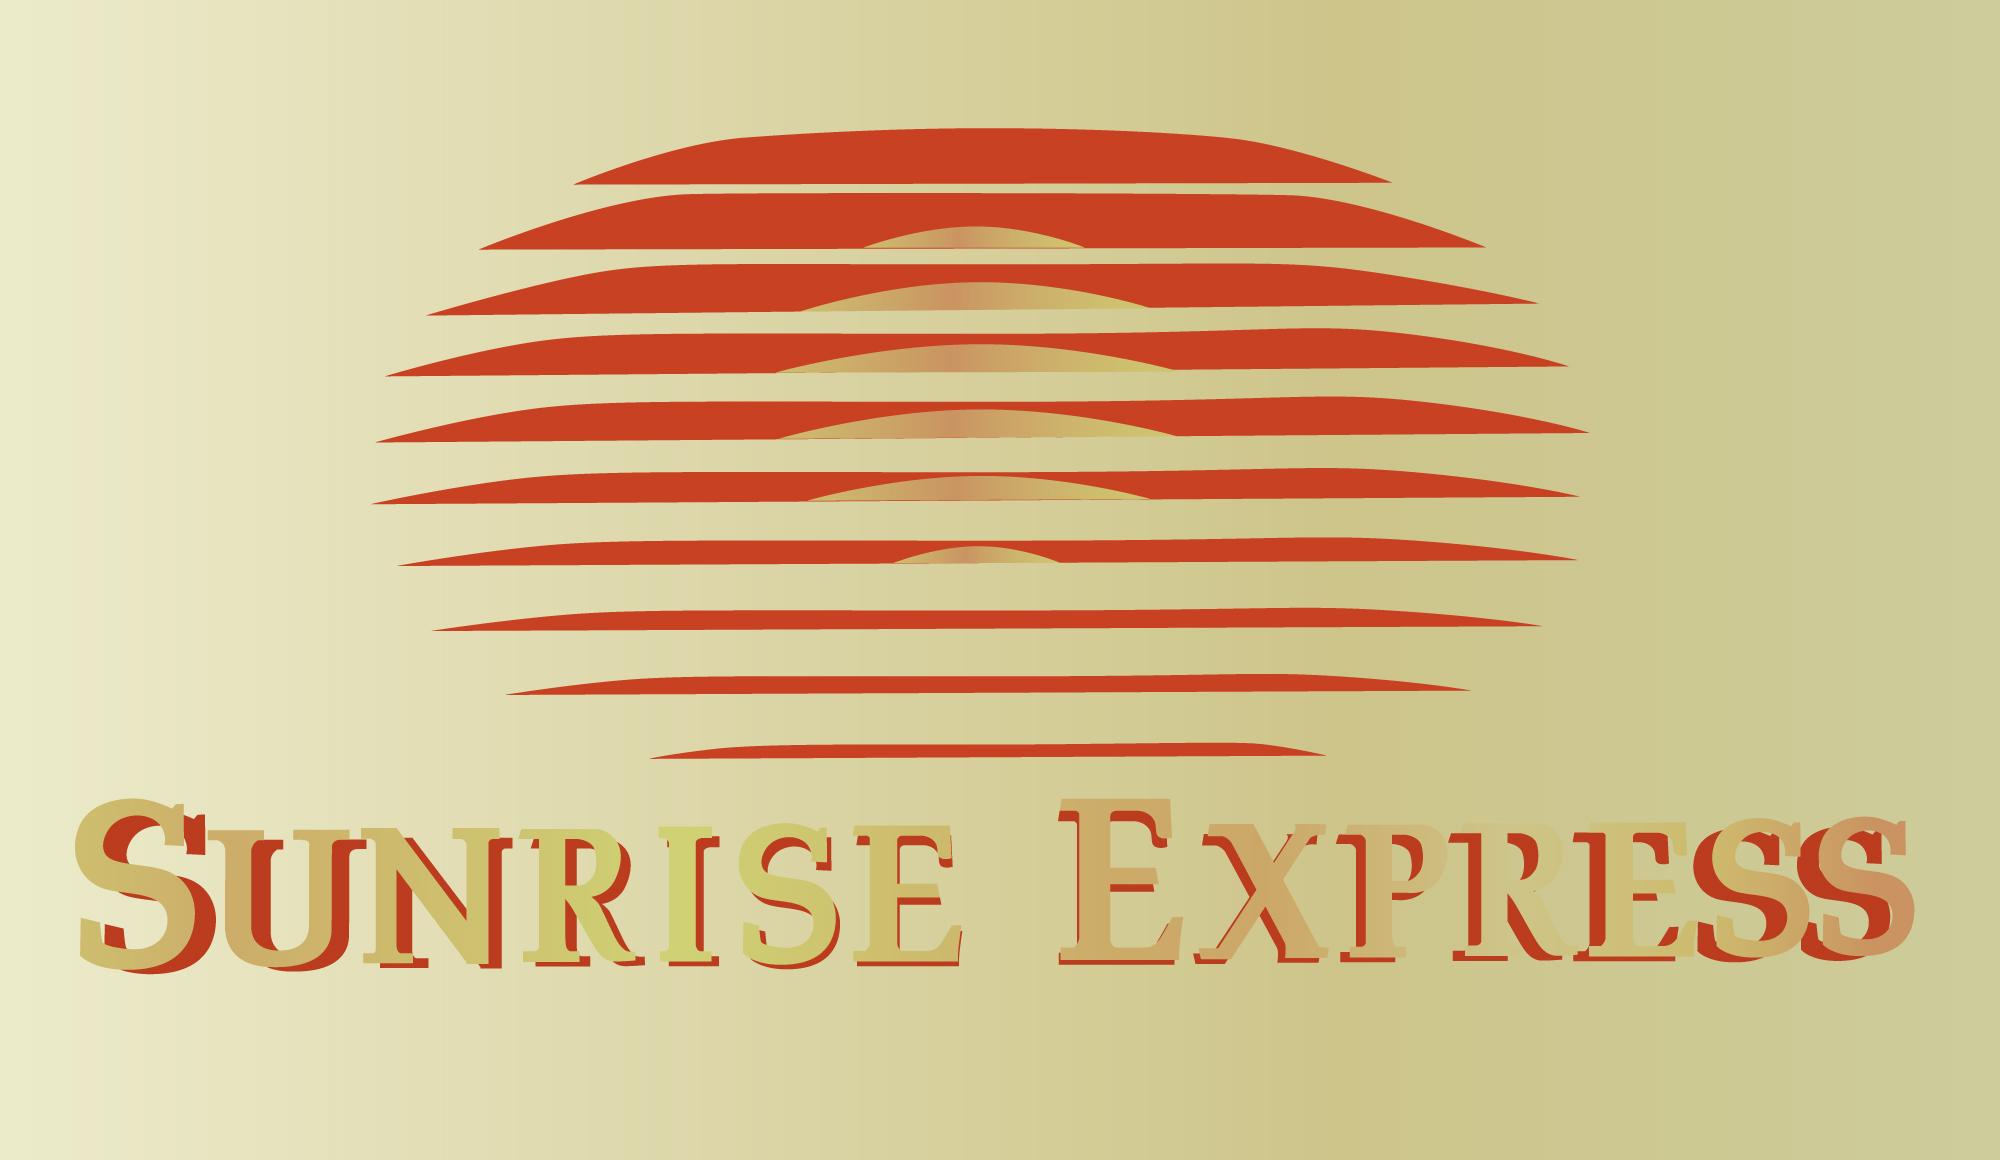 サンライズエクスプレスのロゴマーク